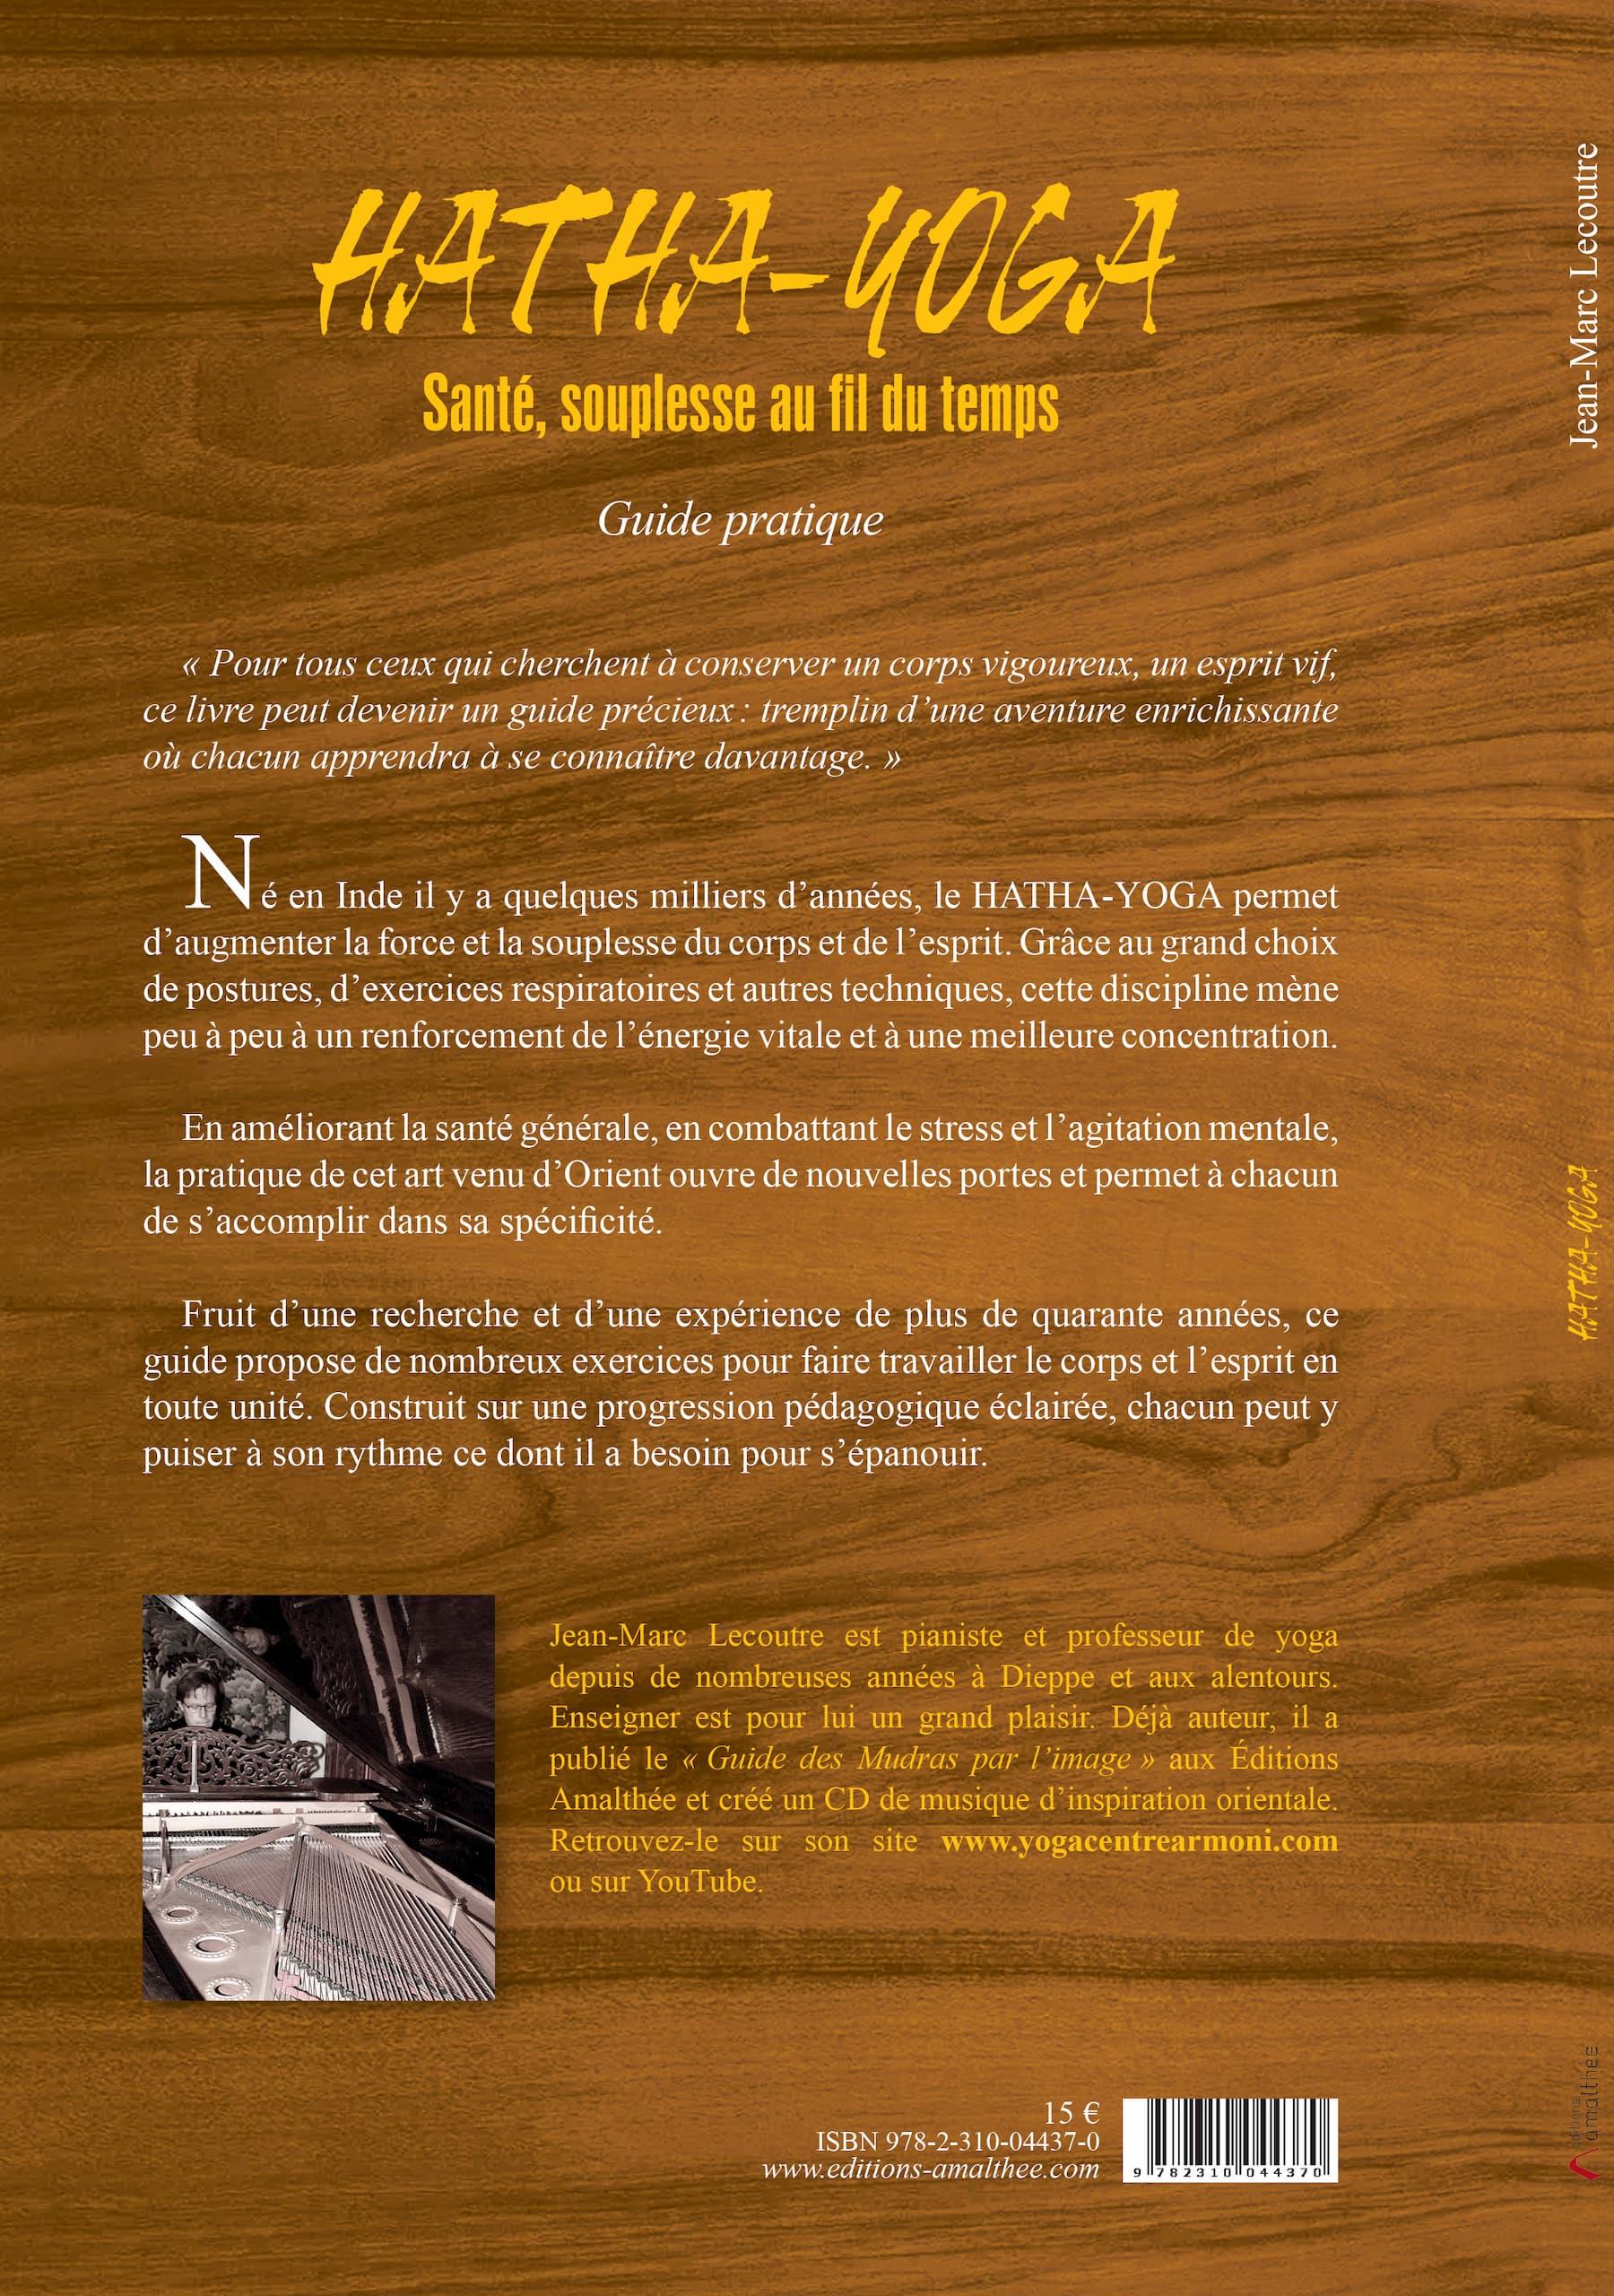 Quatrième de couverture livre le secret des mudras par Jean-Marc Lecoutre